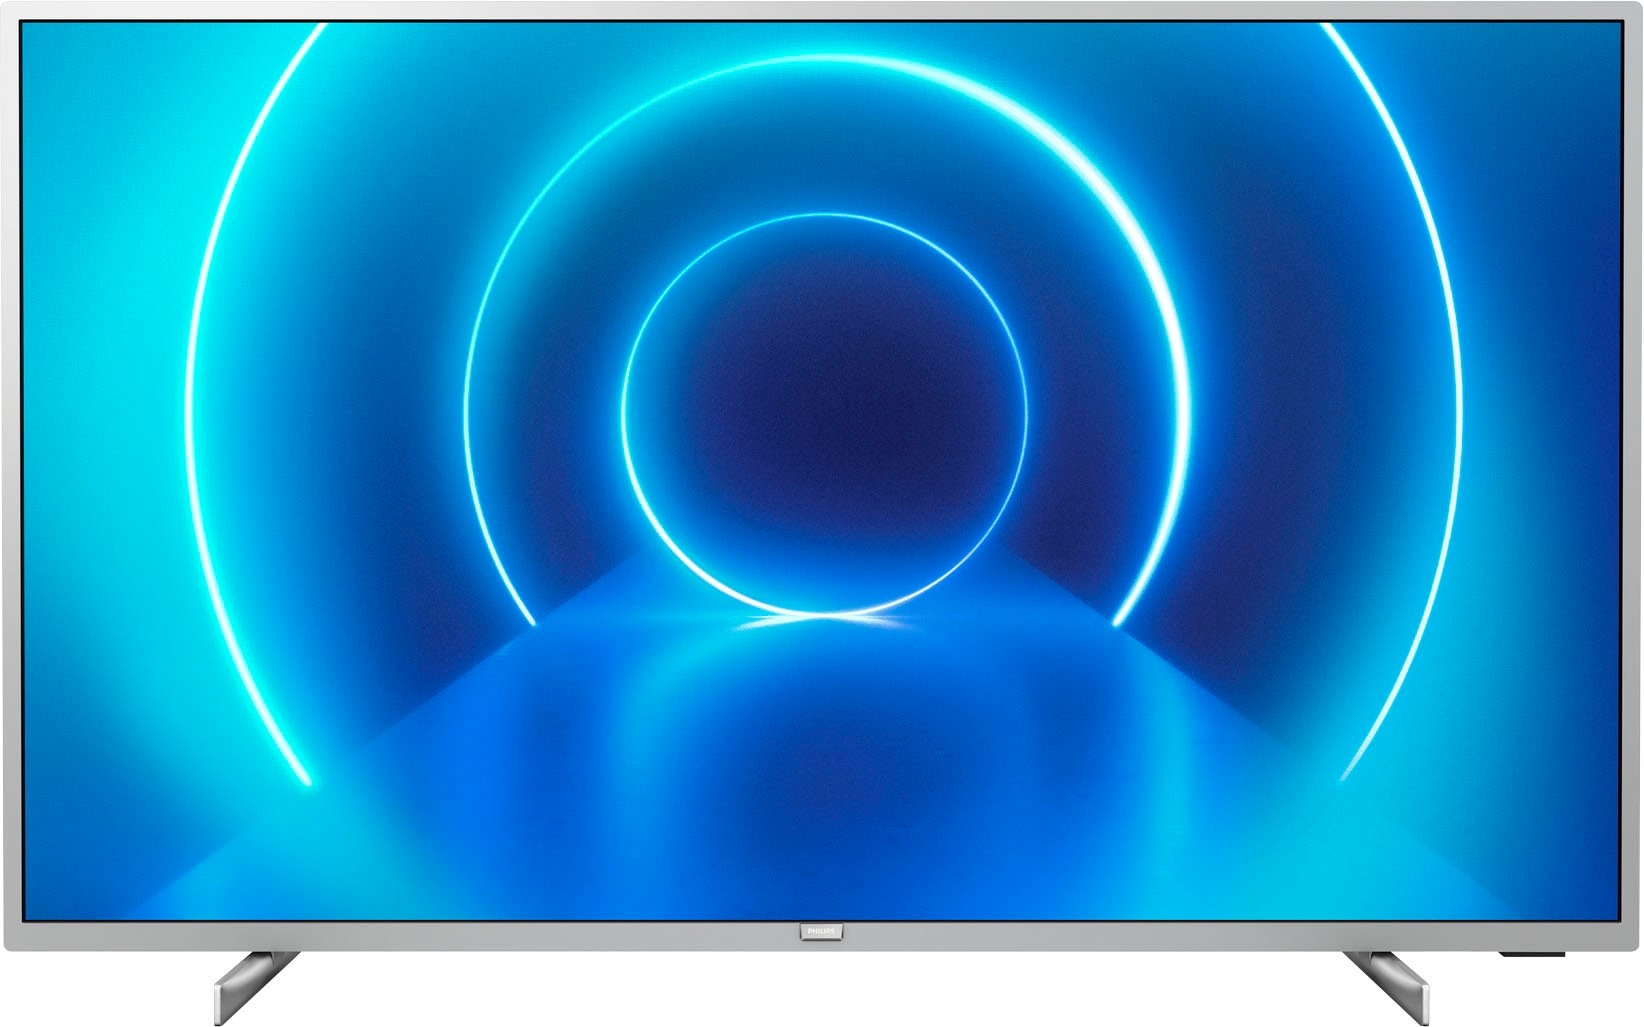 Philips LED-TV 50PUS7555/12, 126 cm / 50